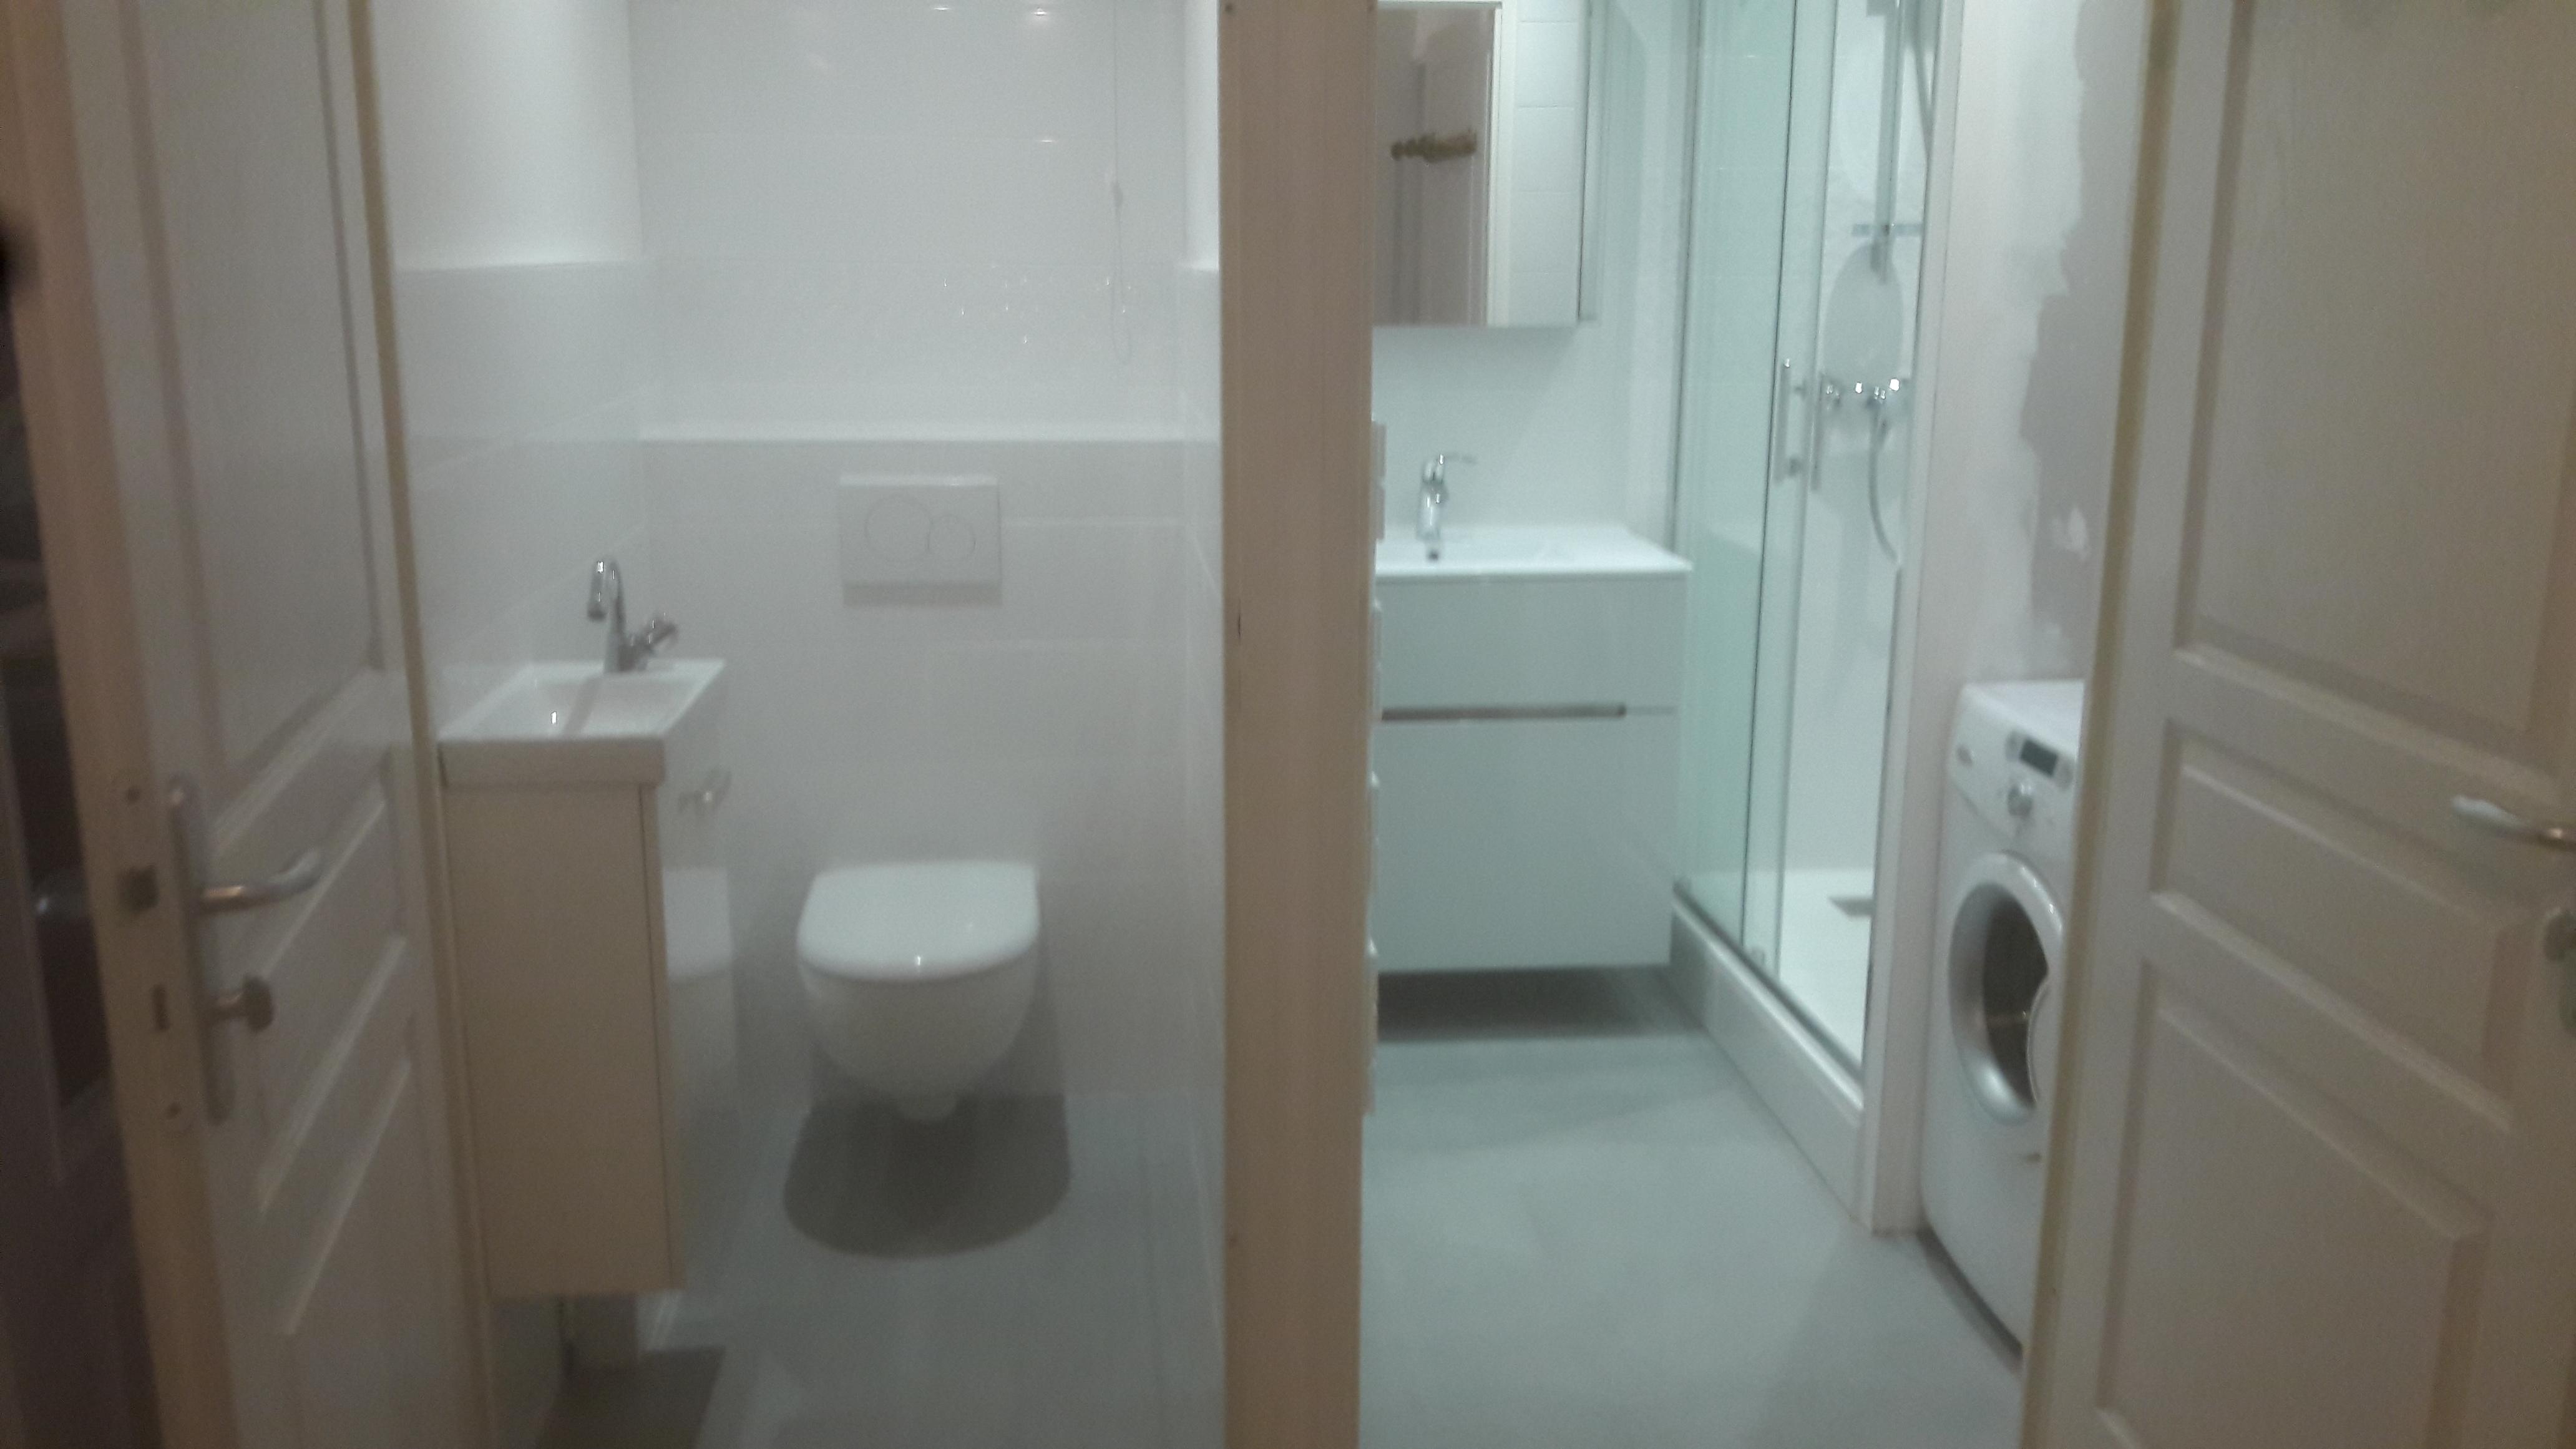 plombier Bouguenais: Rénovation de salle de bains à Bouguenais